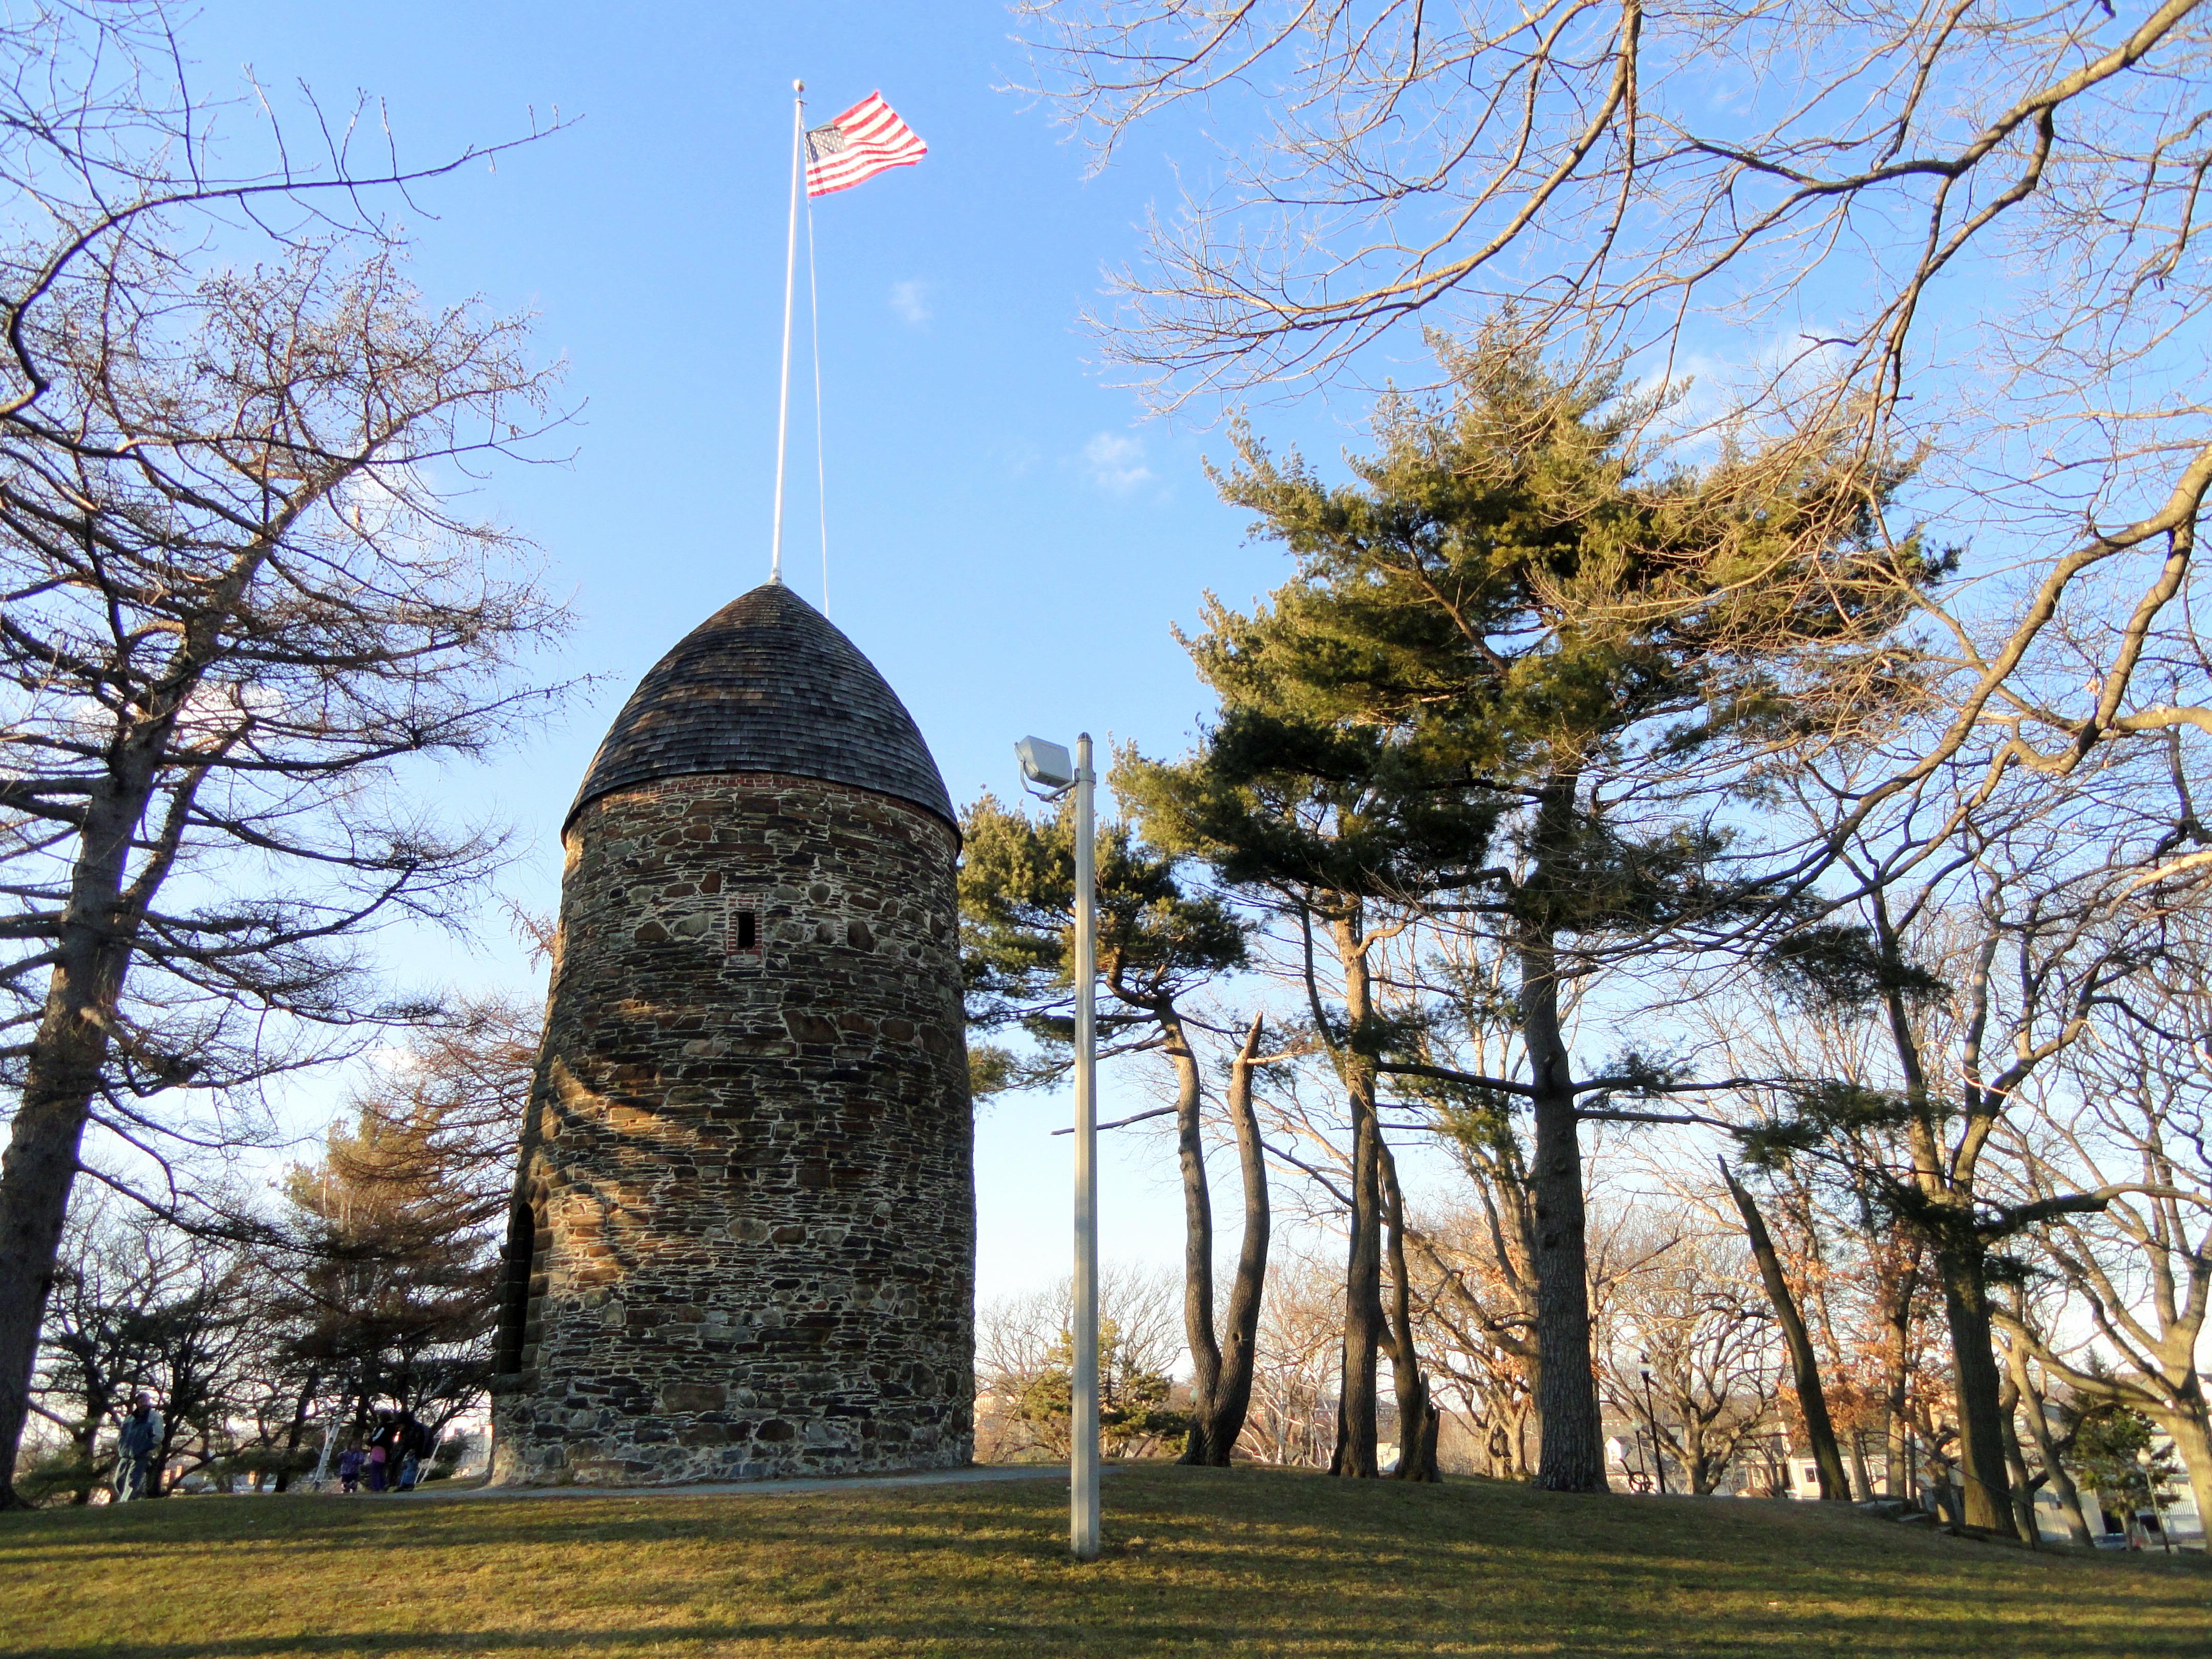 Old Powder House (Somerville, Massachusetts) - DSC04303.JPG